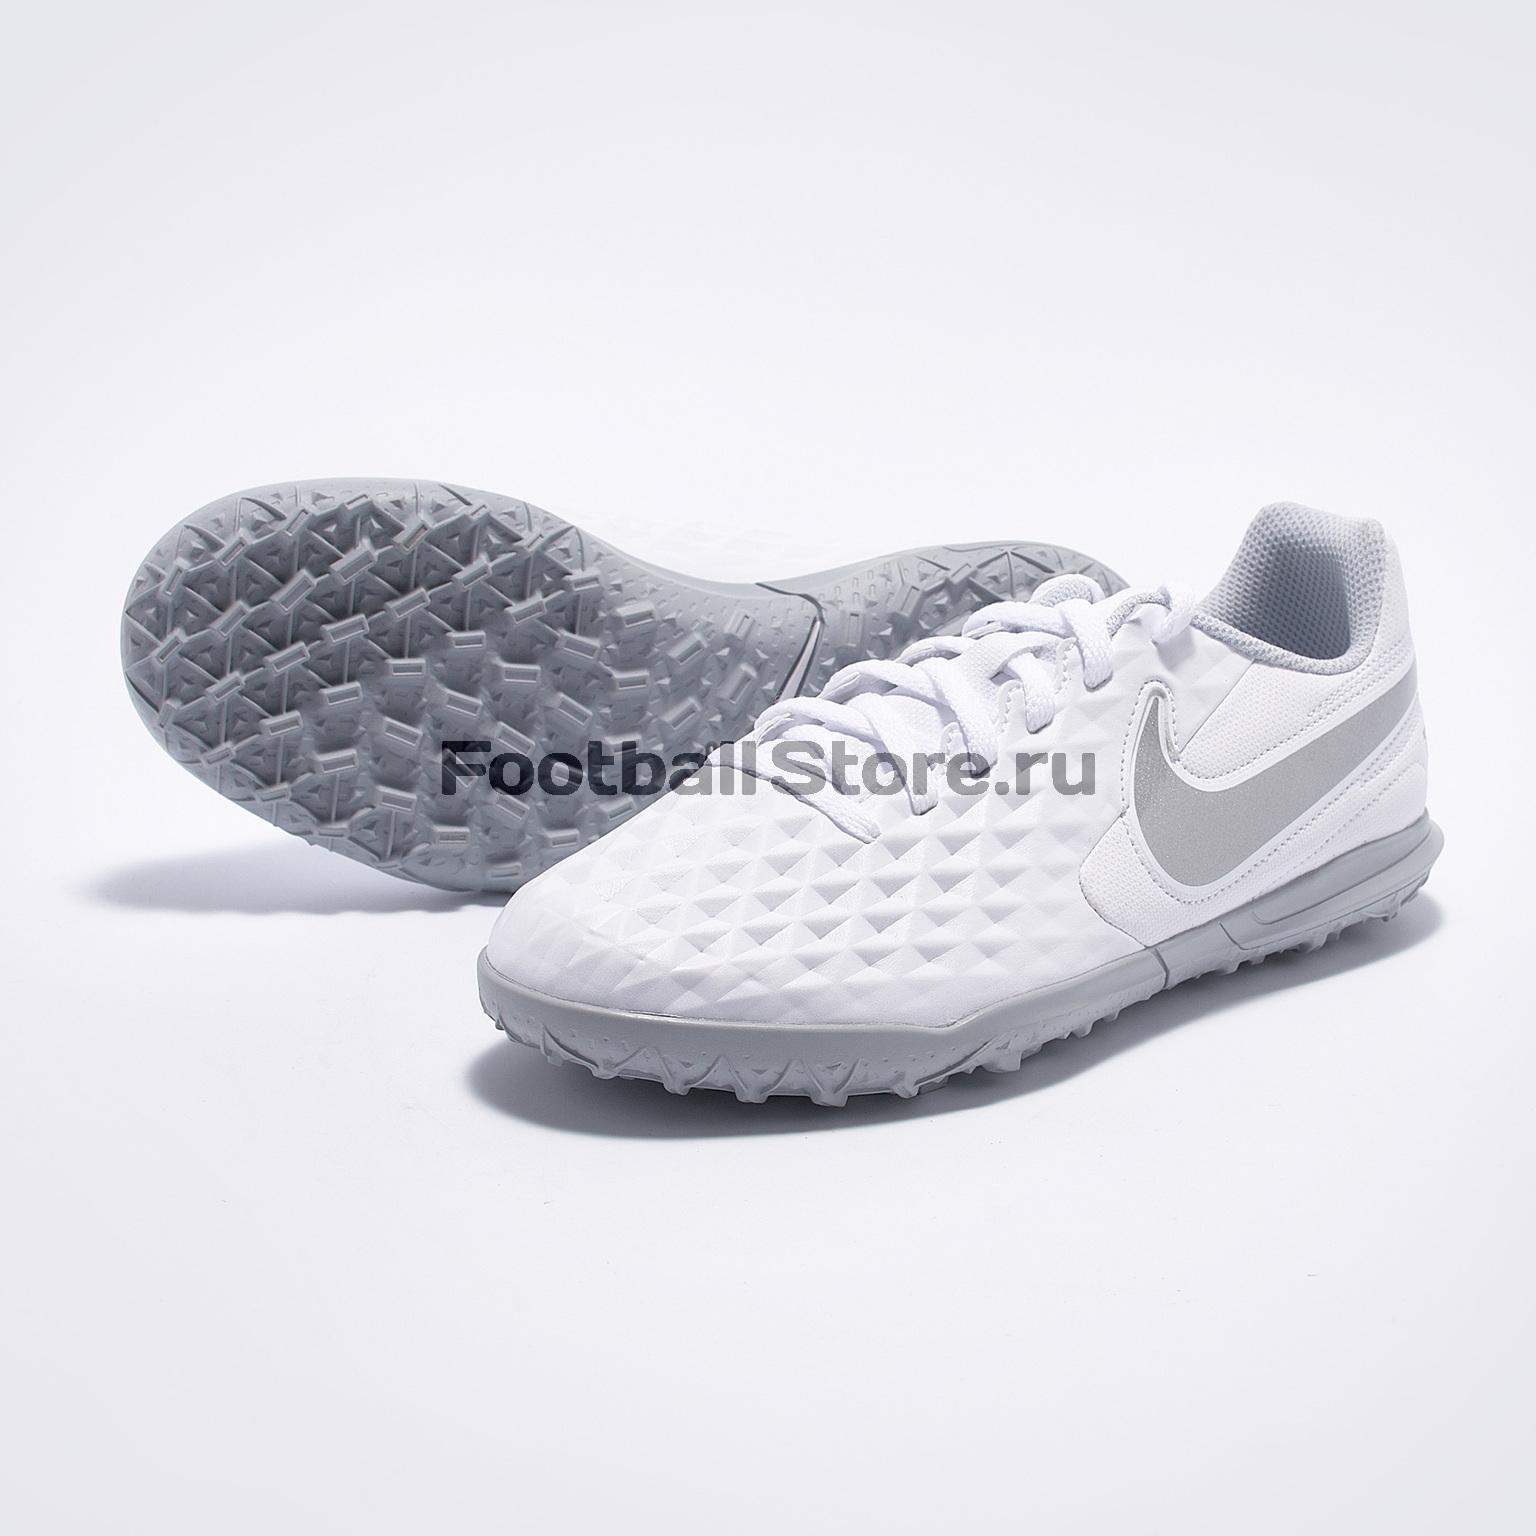 цена на Шиповки детские Nike Legend 8 Club 8 TF AT5883-100